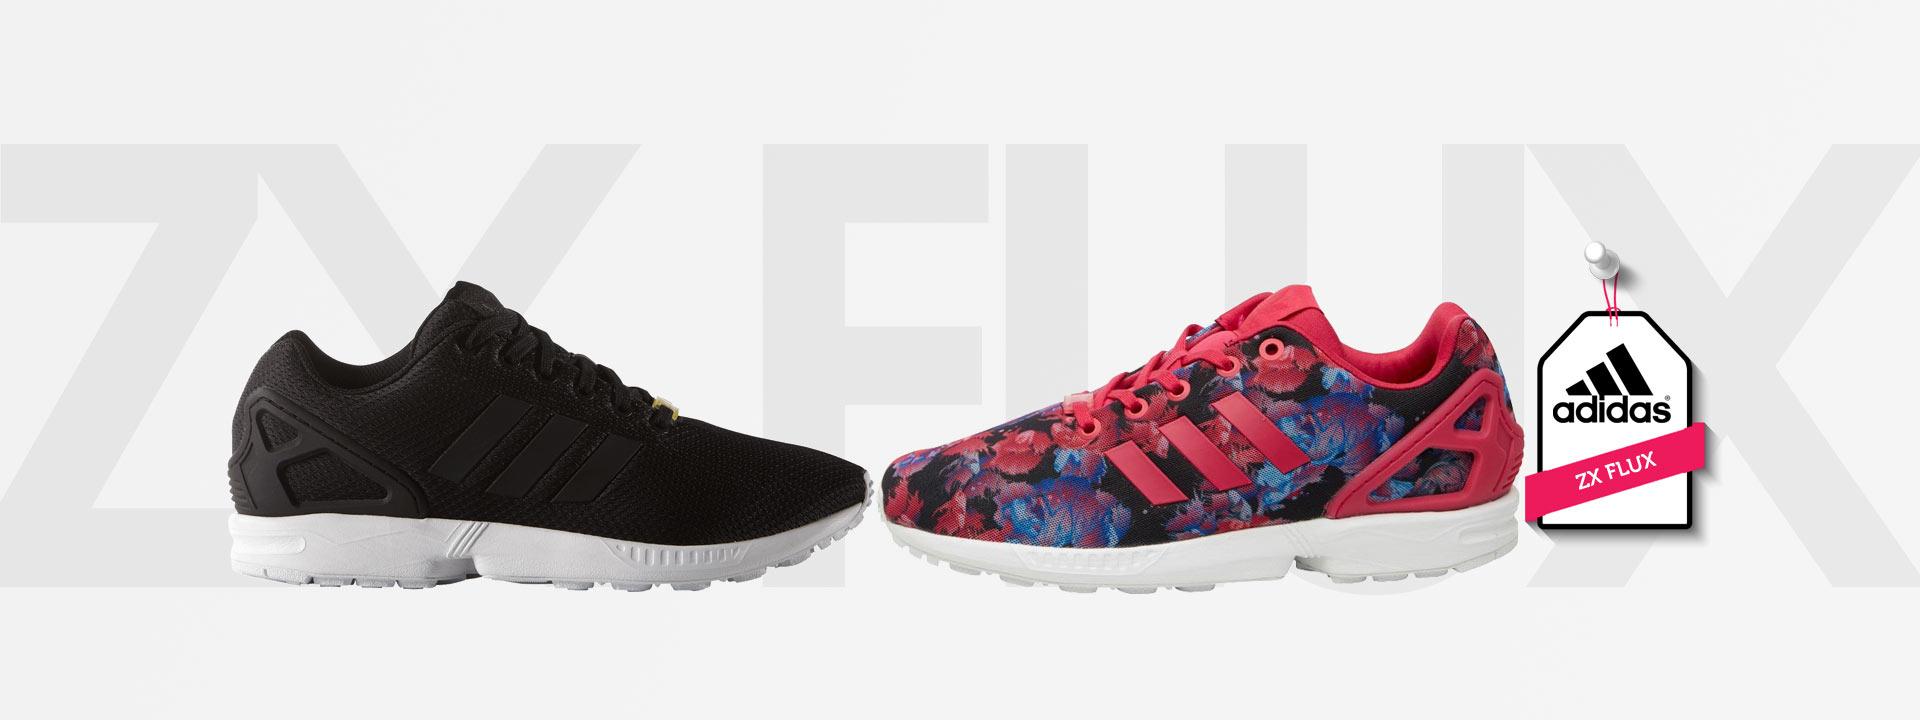 adidas zx flux zwart sale